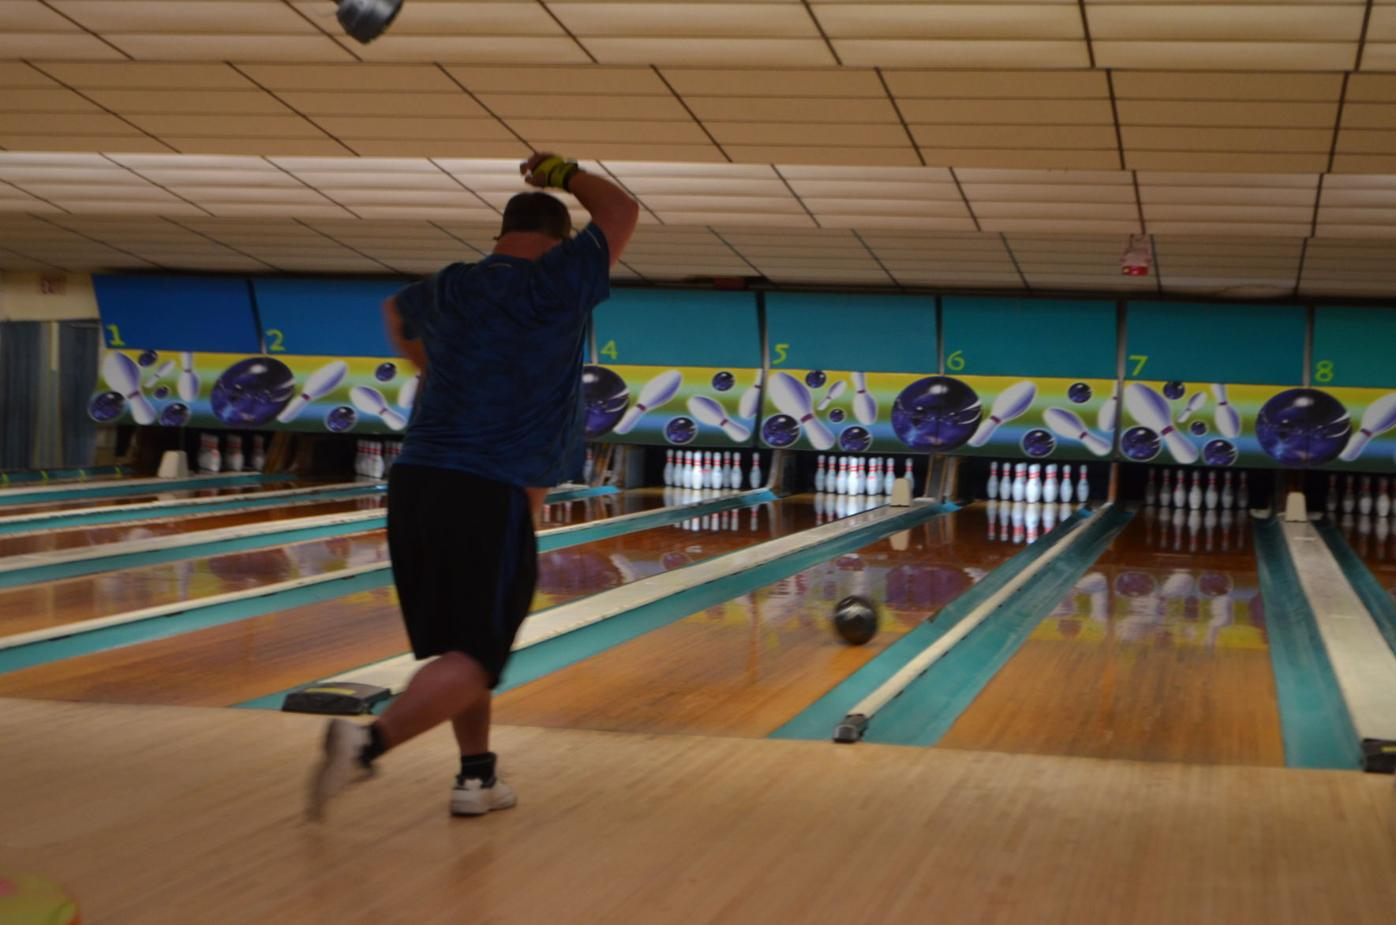 Hinerman bowls